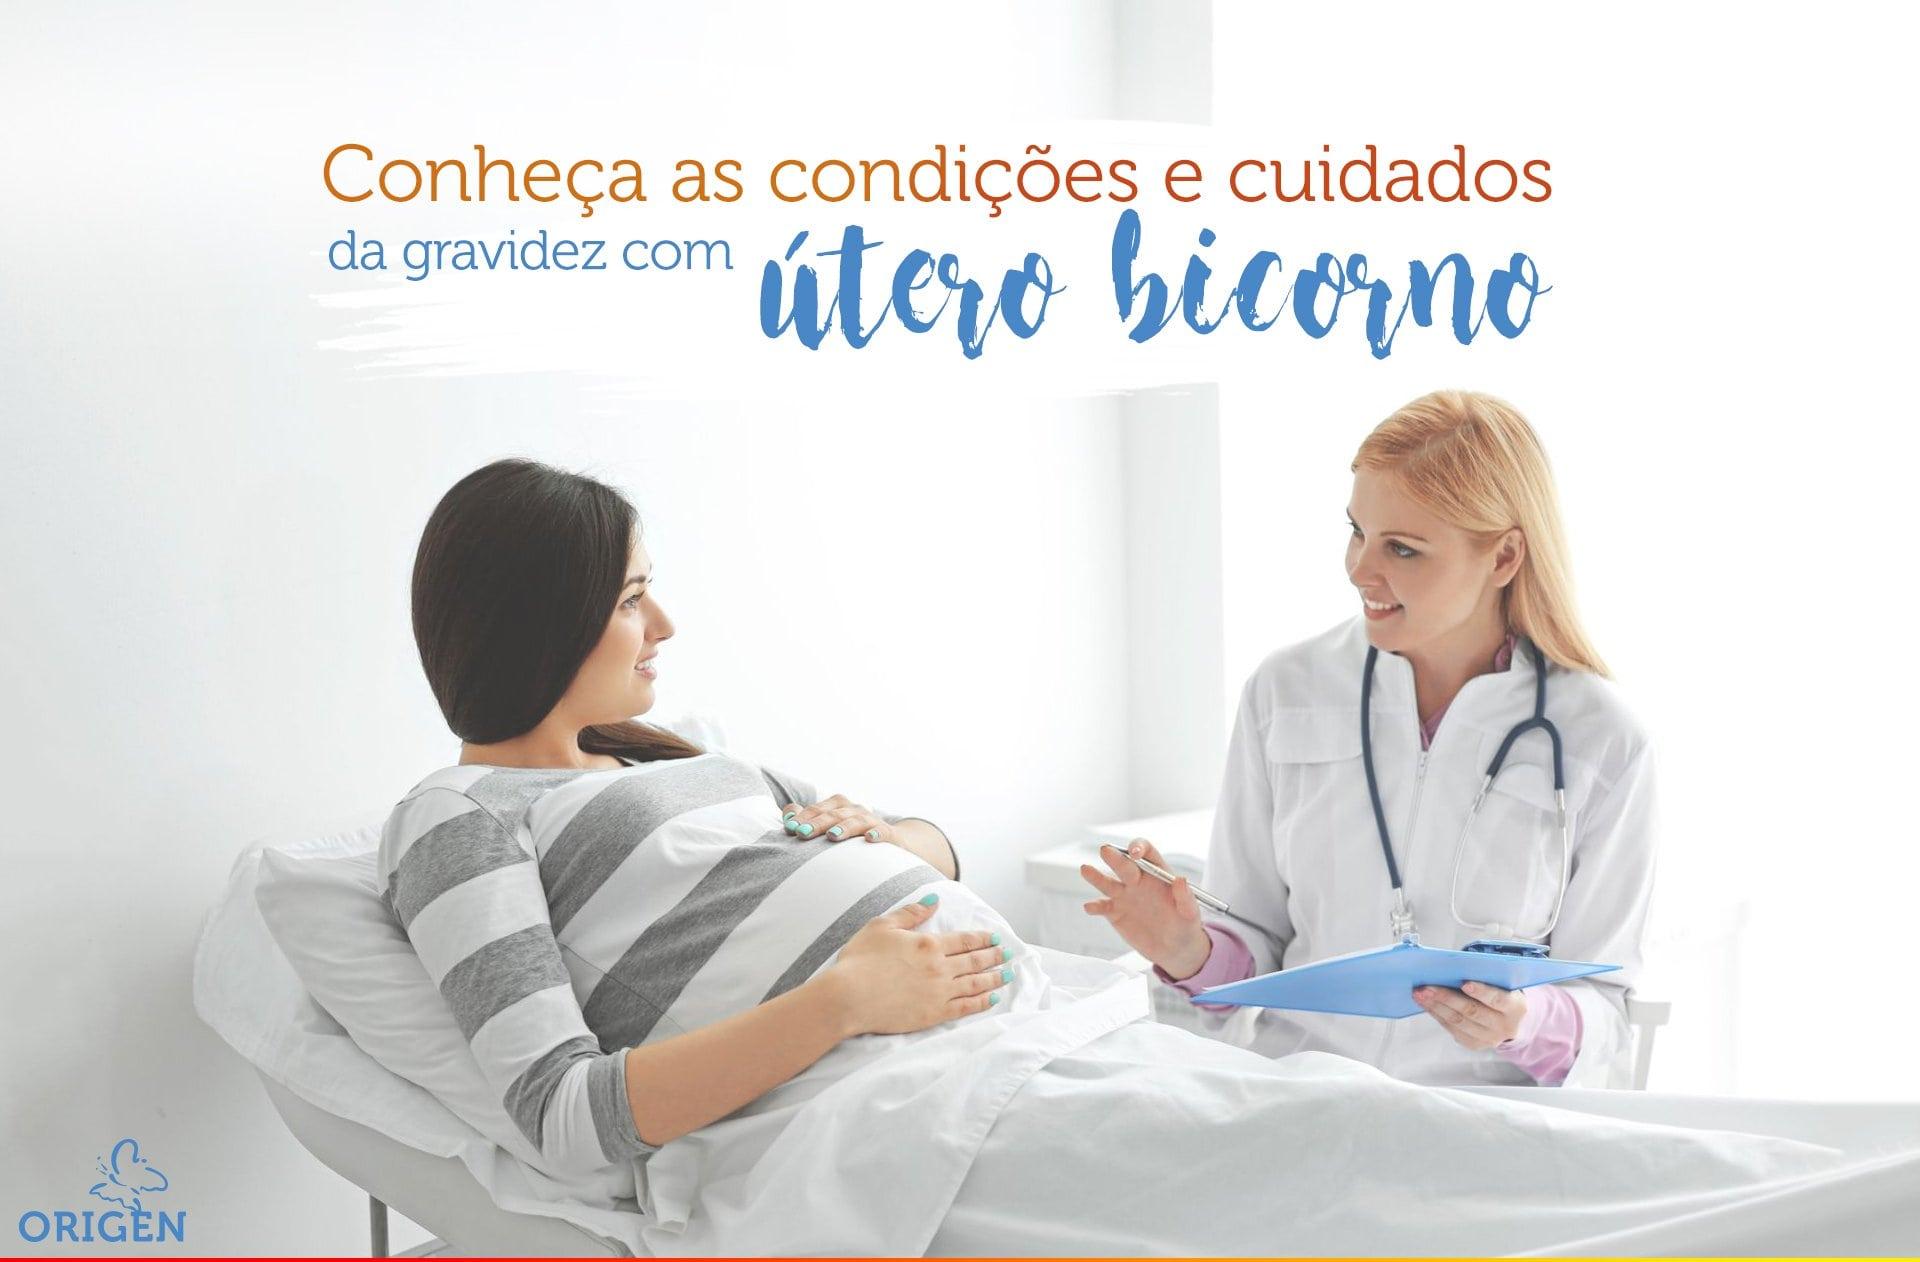 Gravidez com útero bicorno: conheça as condições e cuidados